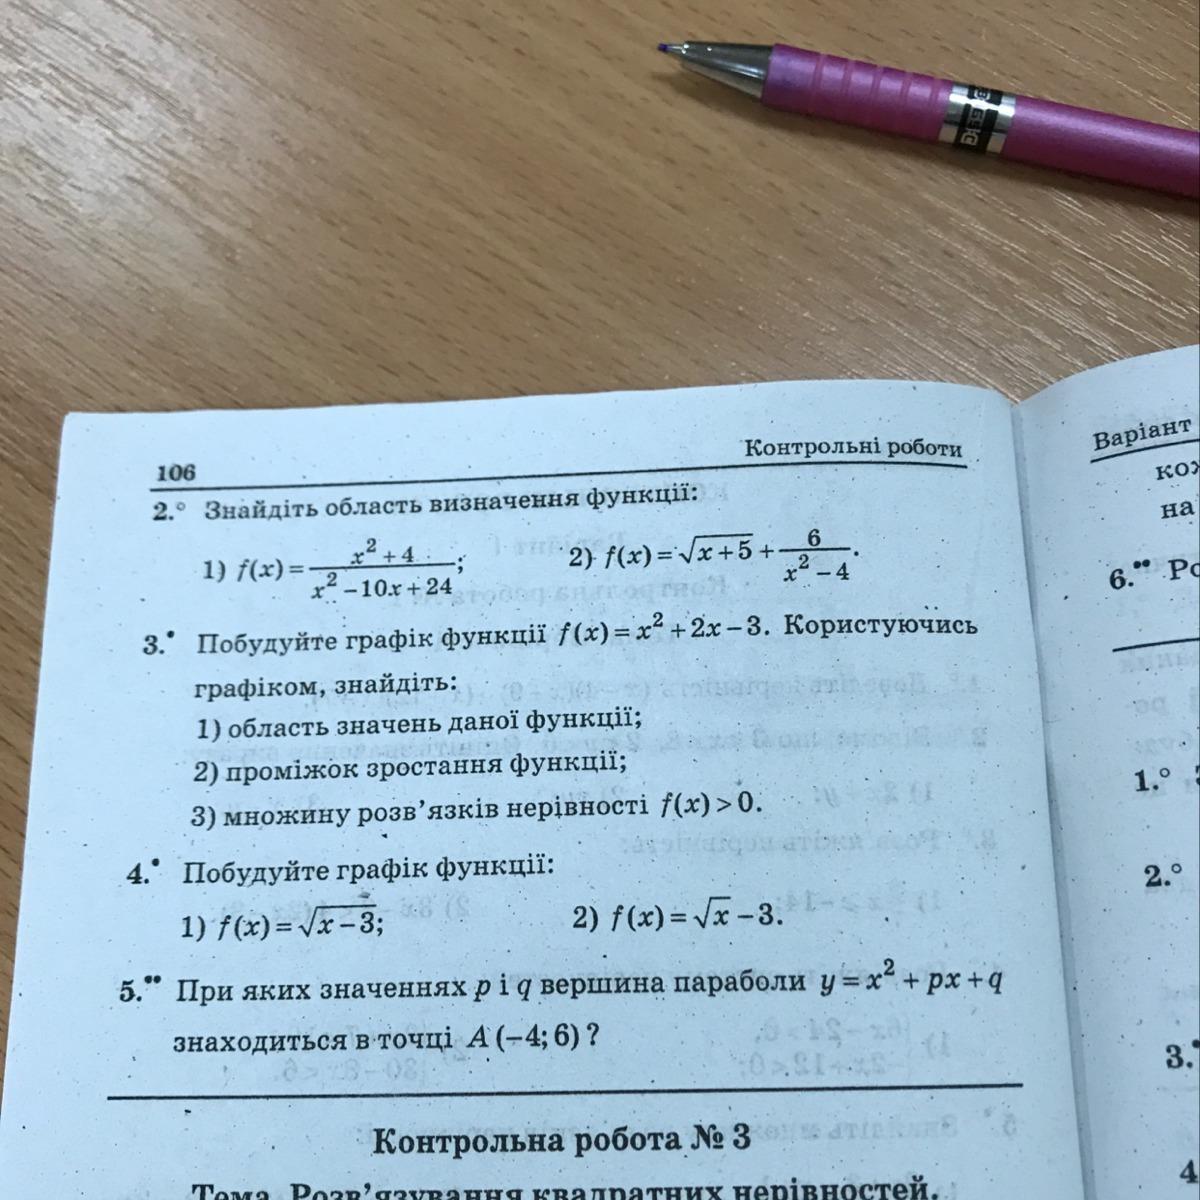 Помогите найти ответы на контрольную работу по алгебре Срочнооо  Загрузить png